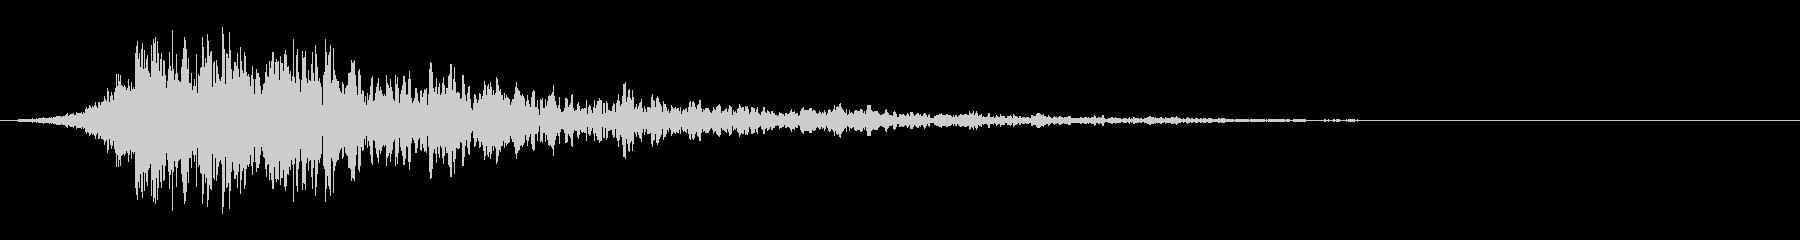 シュードーン-54-2(インパクト音)の未再生の波形